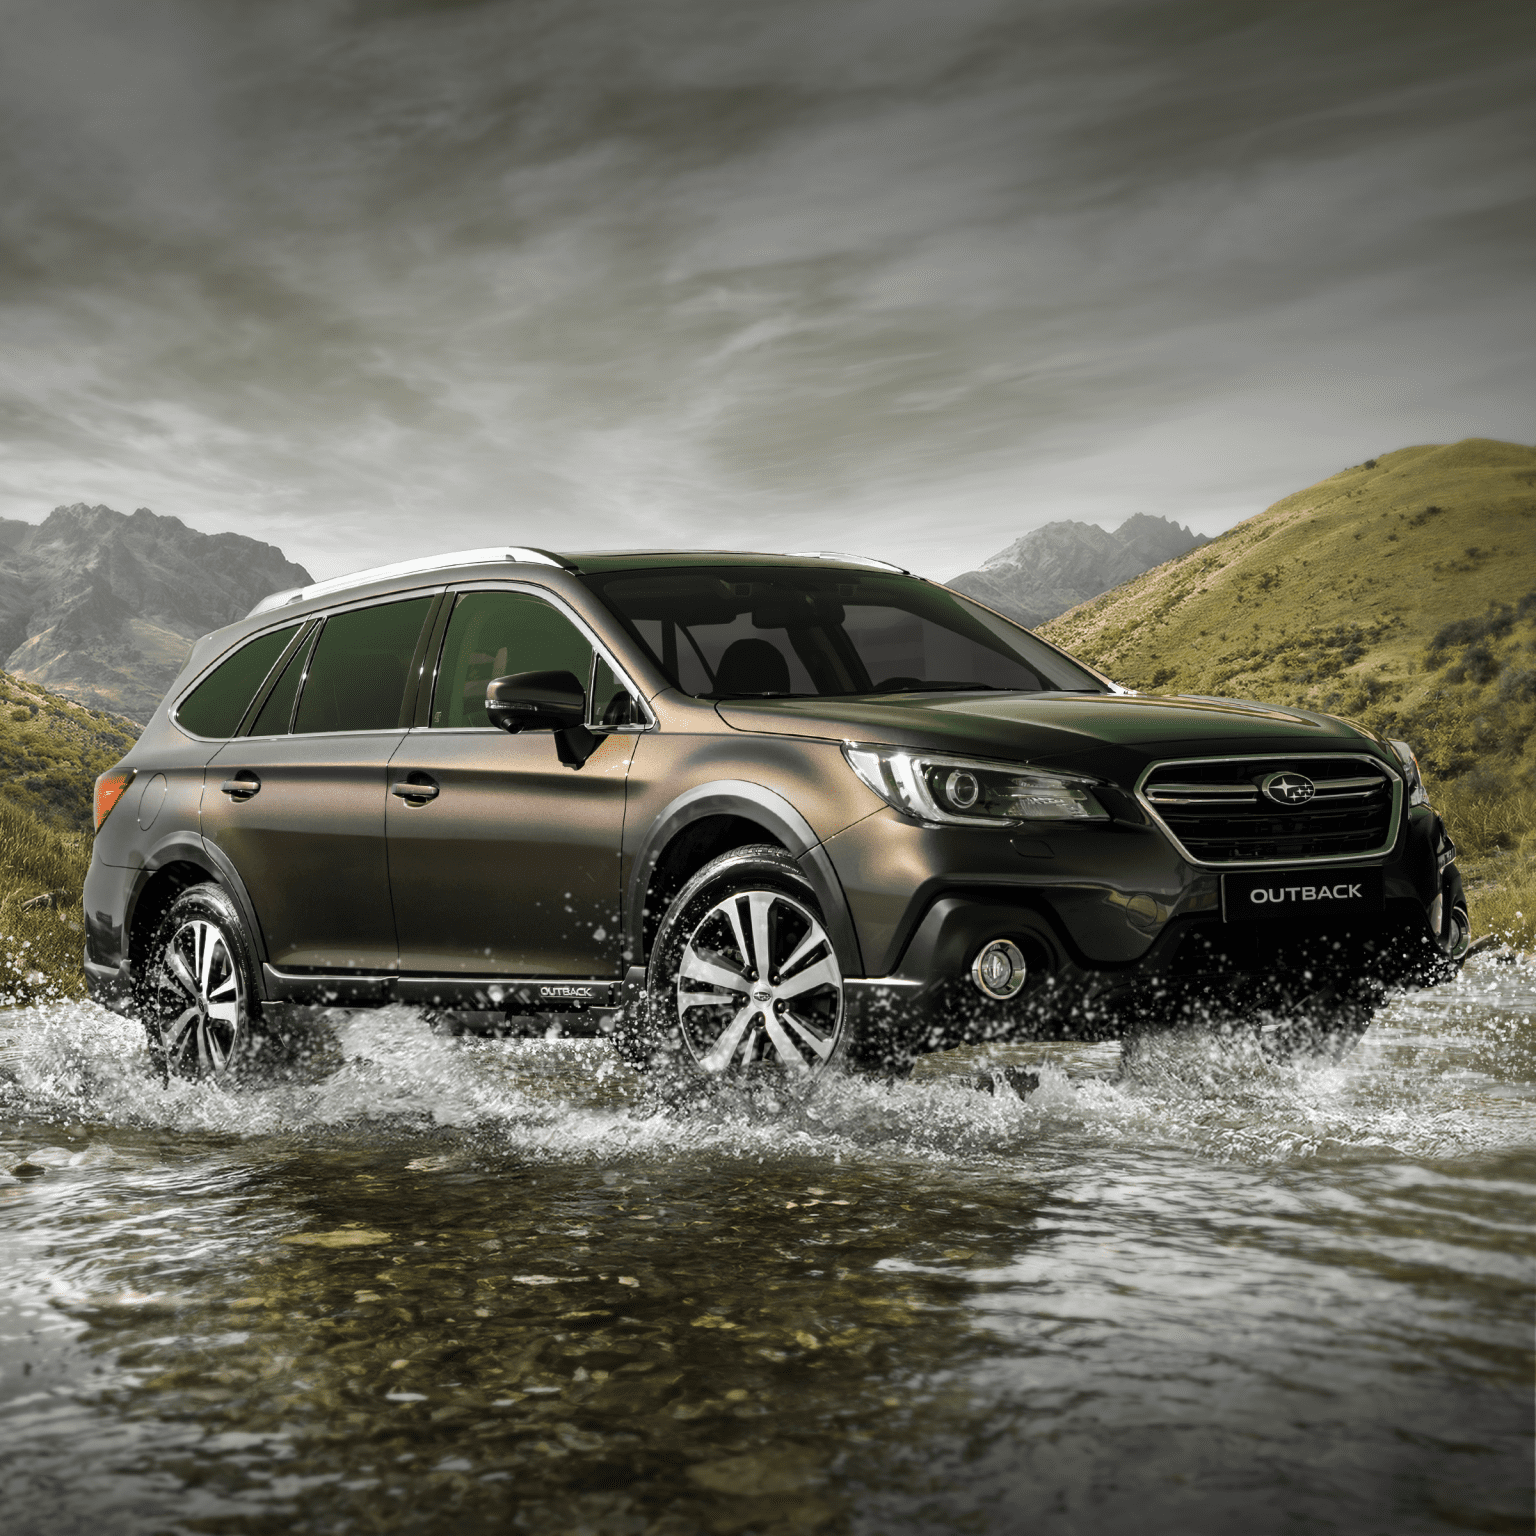 Subaru Outback proefrit